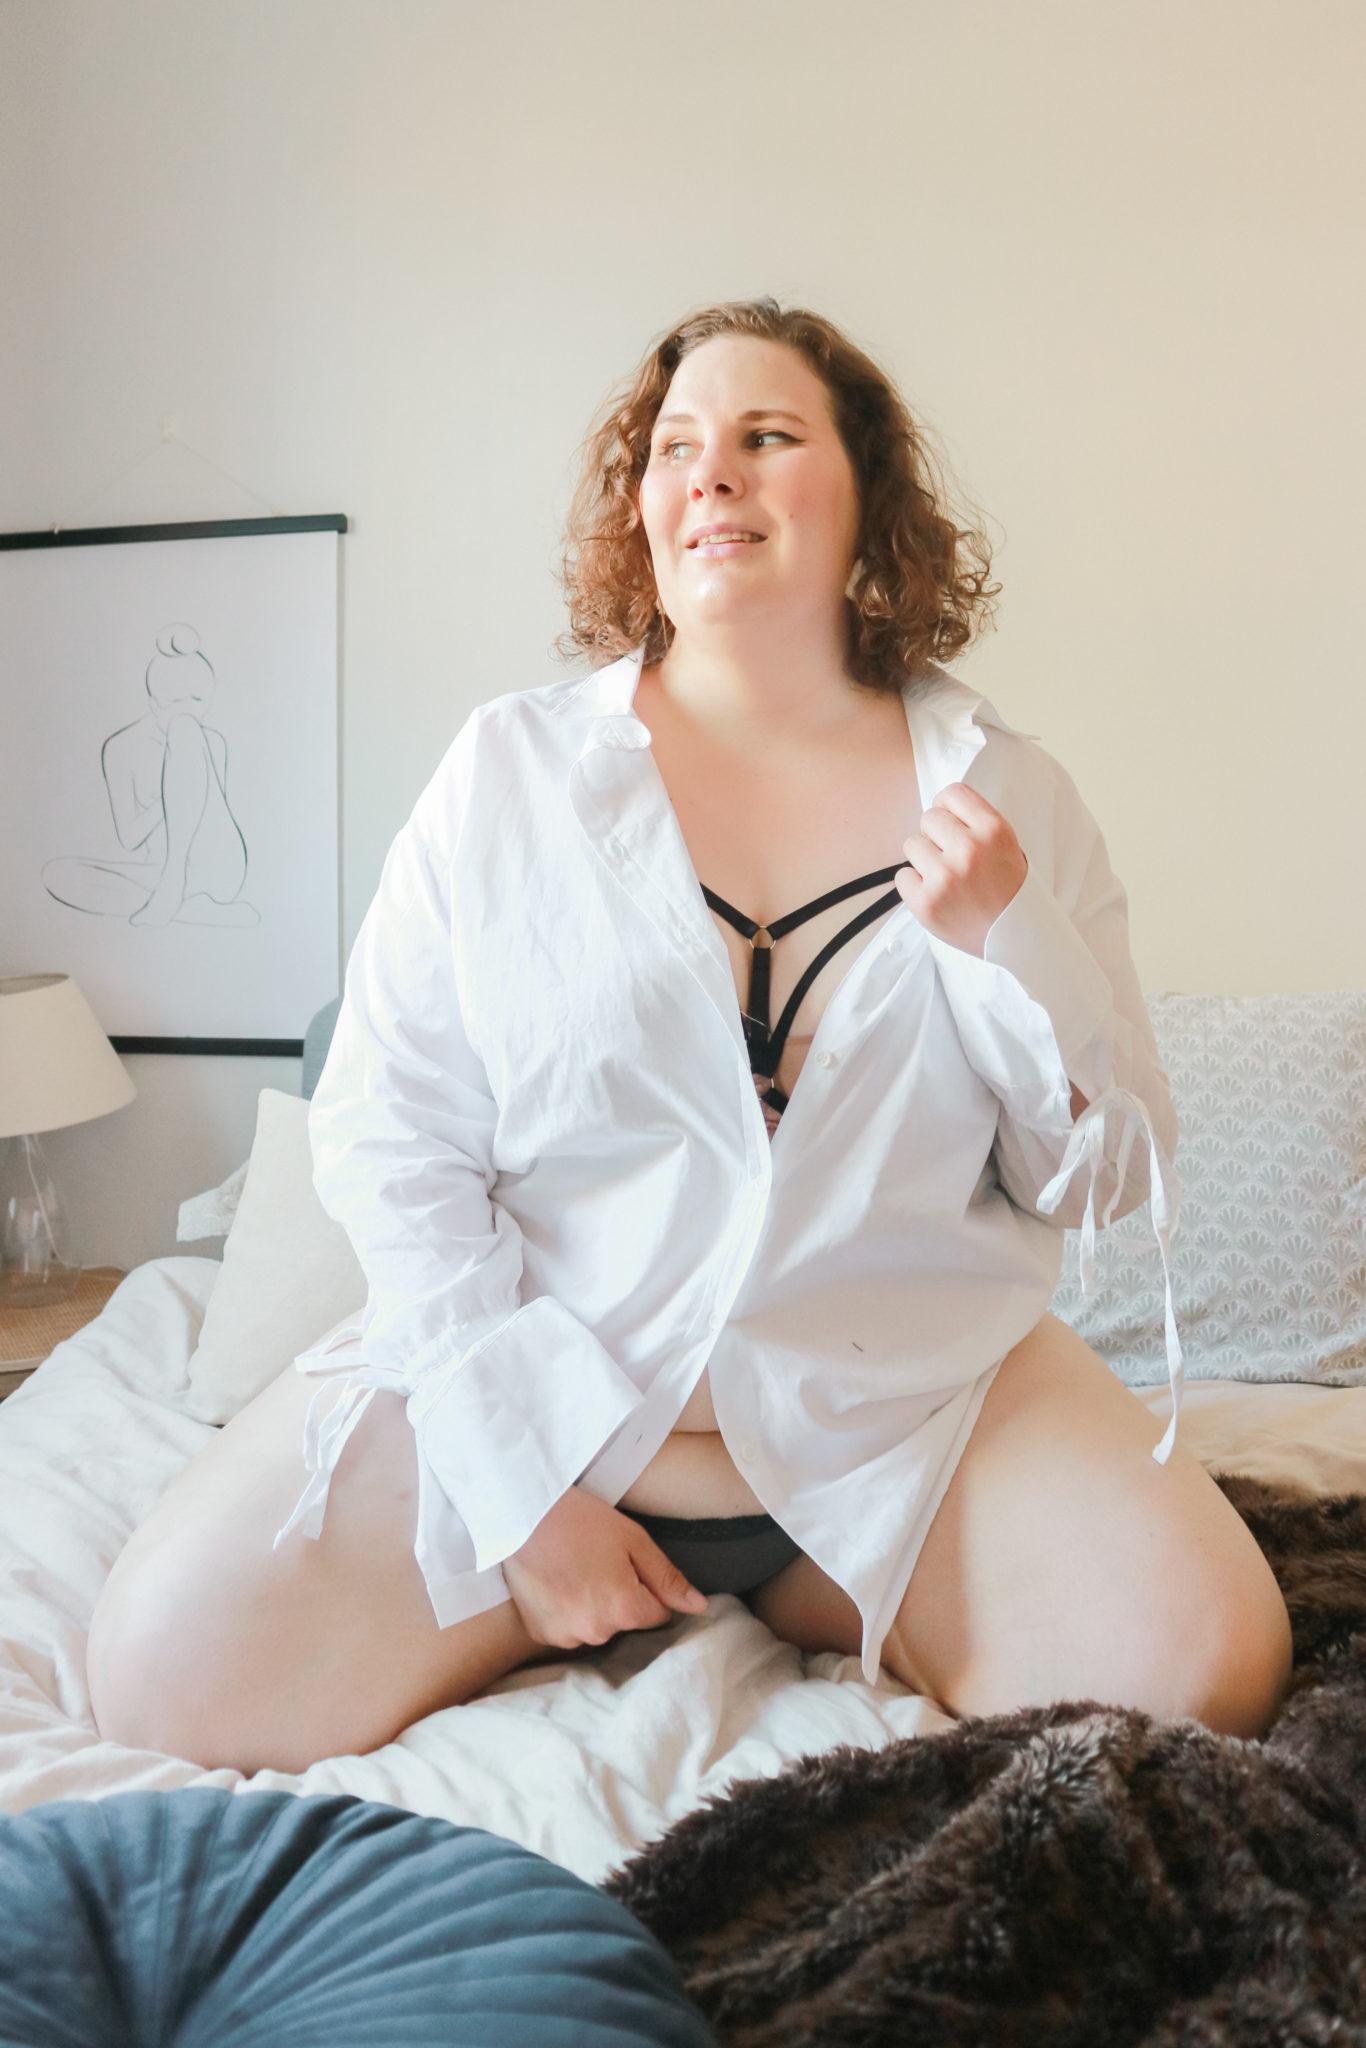 Onko orgasmi edellytys hyvälle seksille - BMH - Big mamas home by Jenni